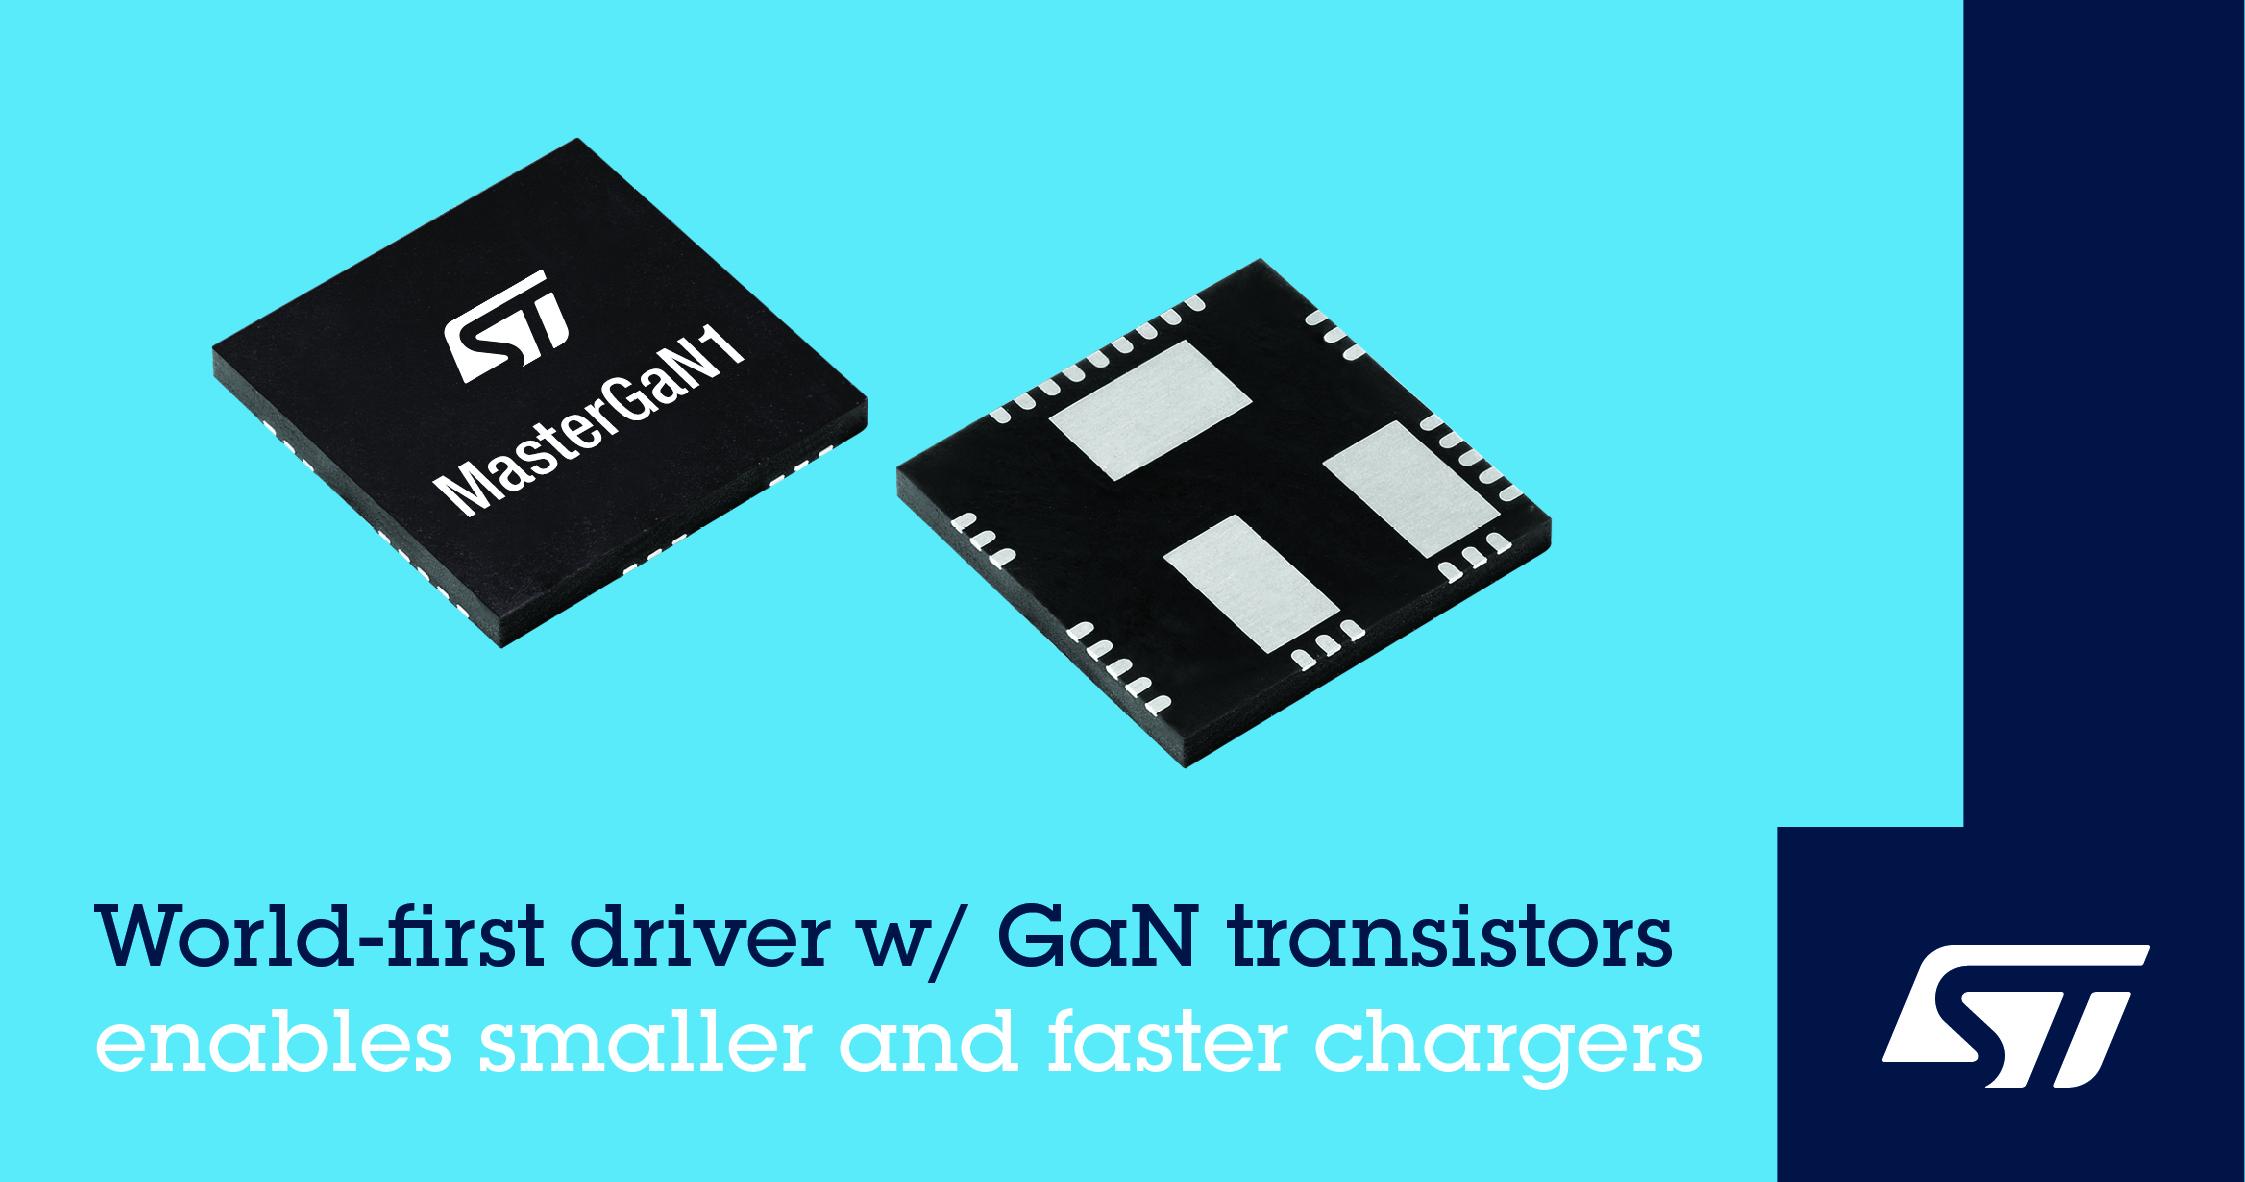 意法半导体推出世界首款驱动与GaN集成产品开创更小、更快充电器电源时代